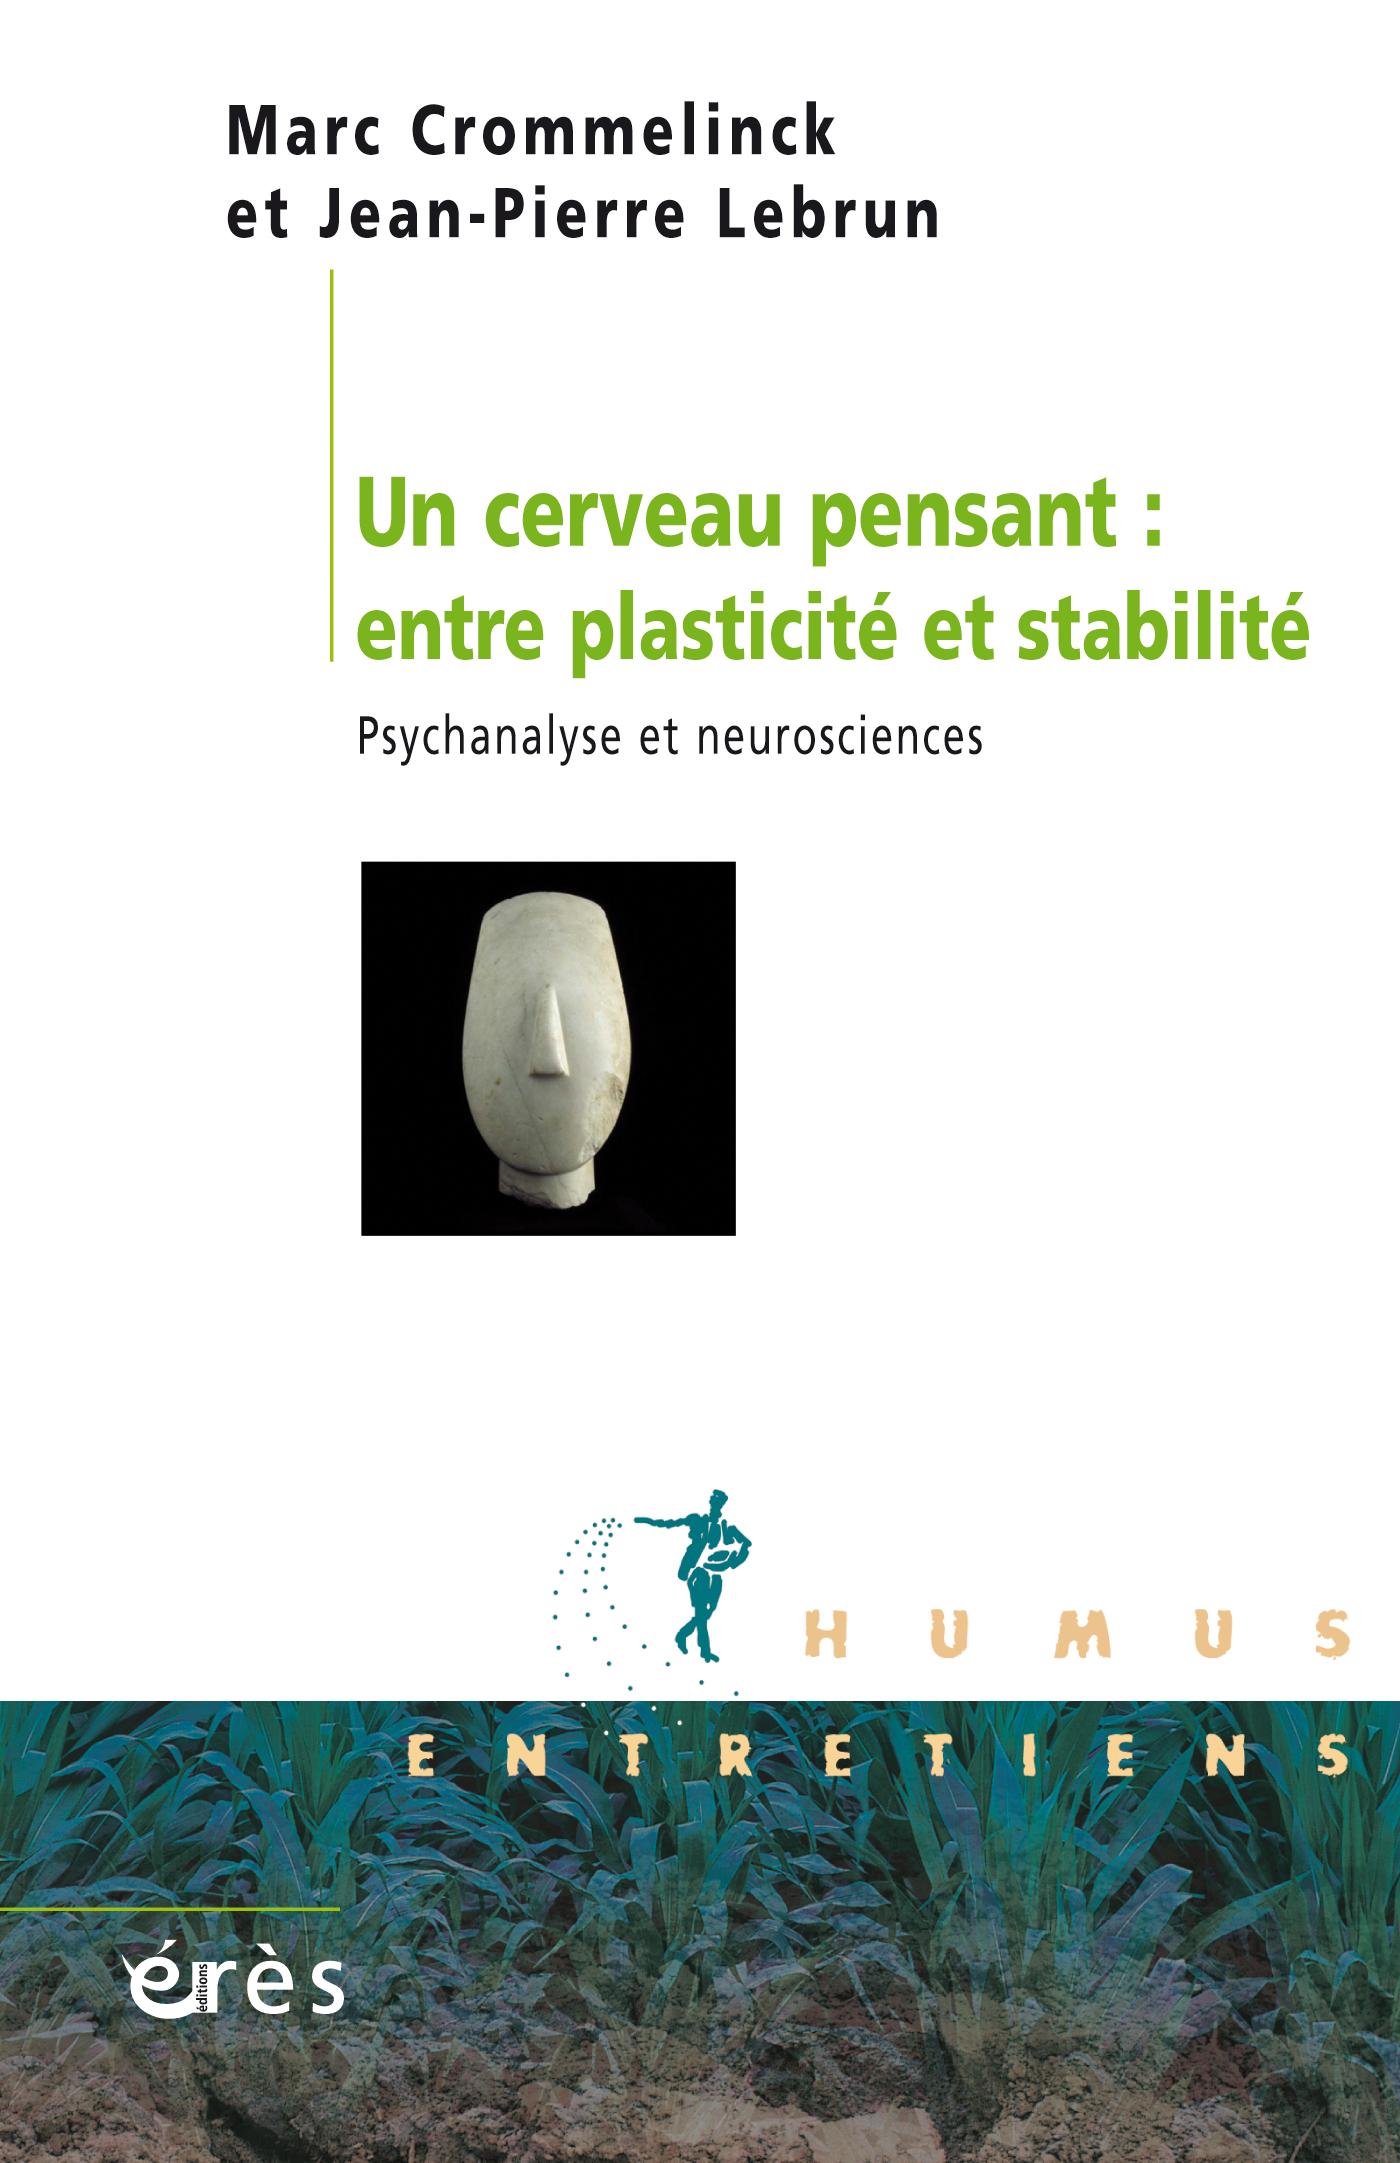 Un cerveaupensant : entre plasticité et stabilité